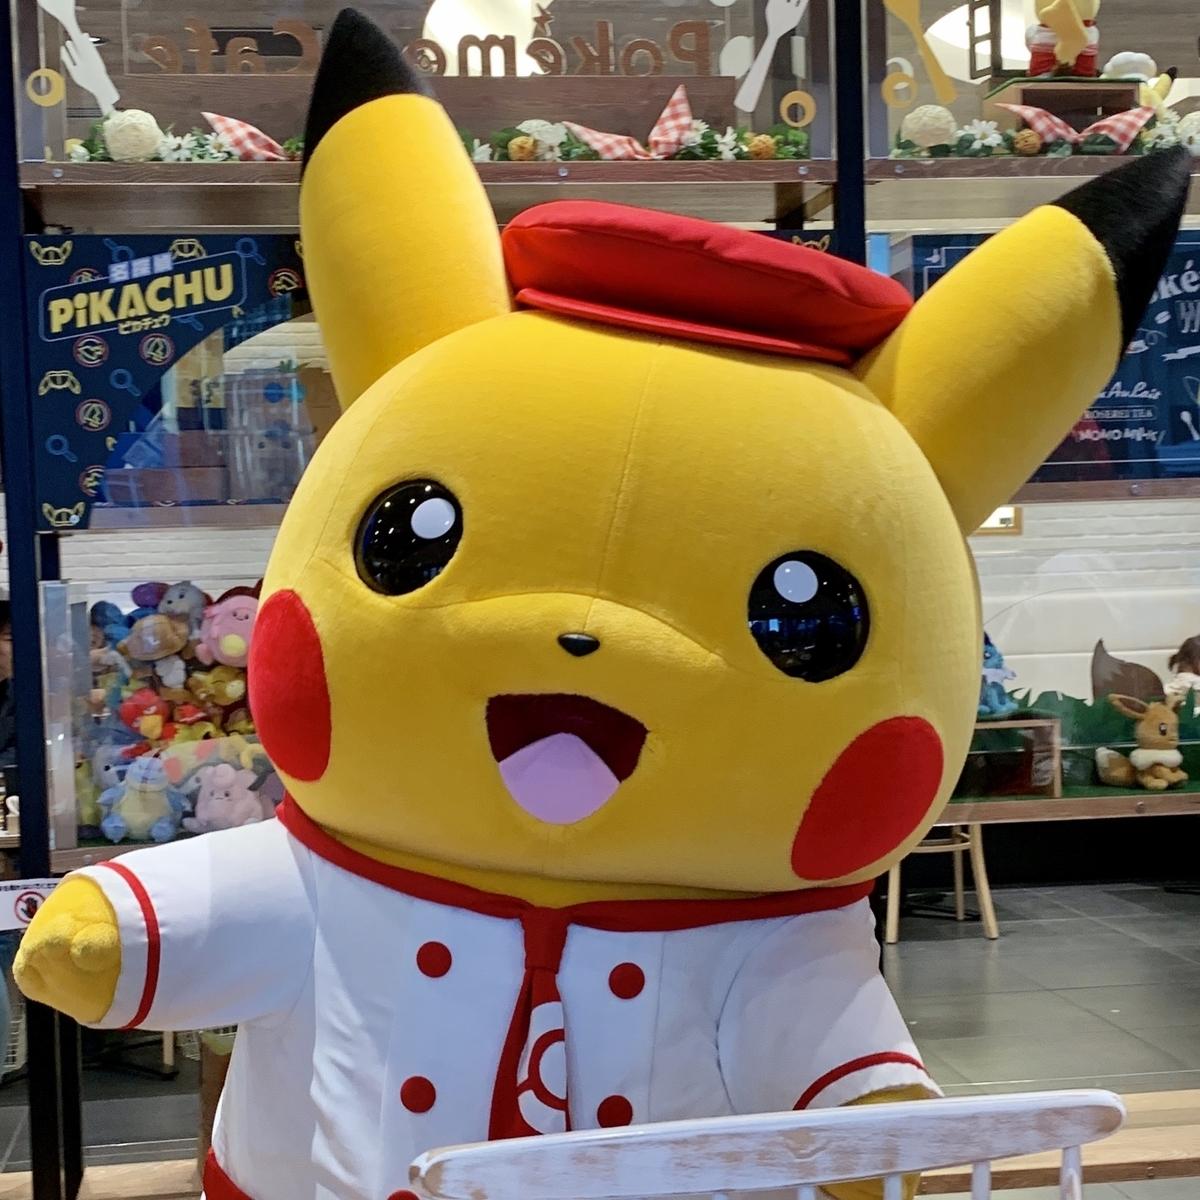 f:id:pikachu_pcn:20190530202816j:plain